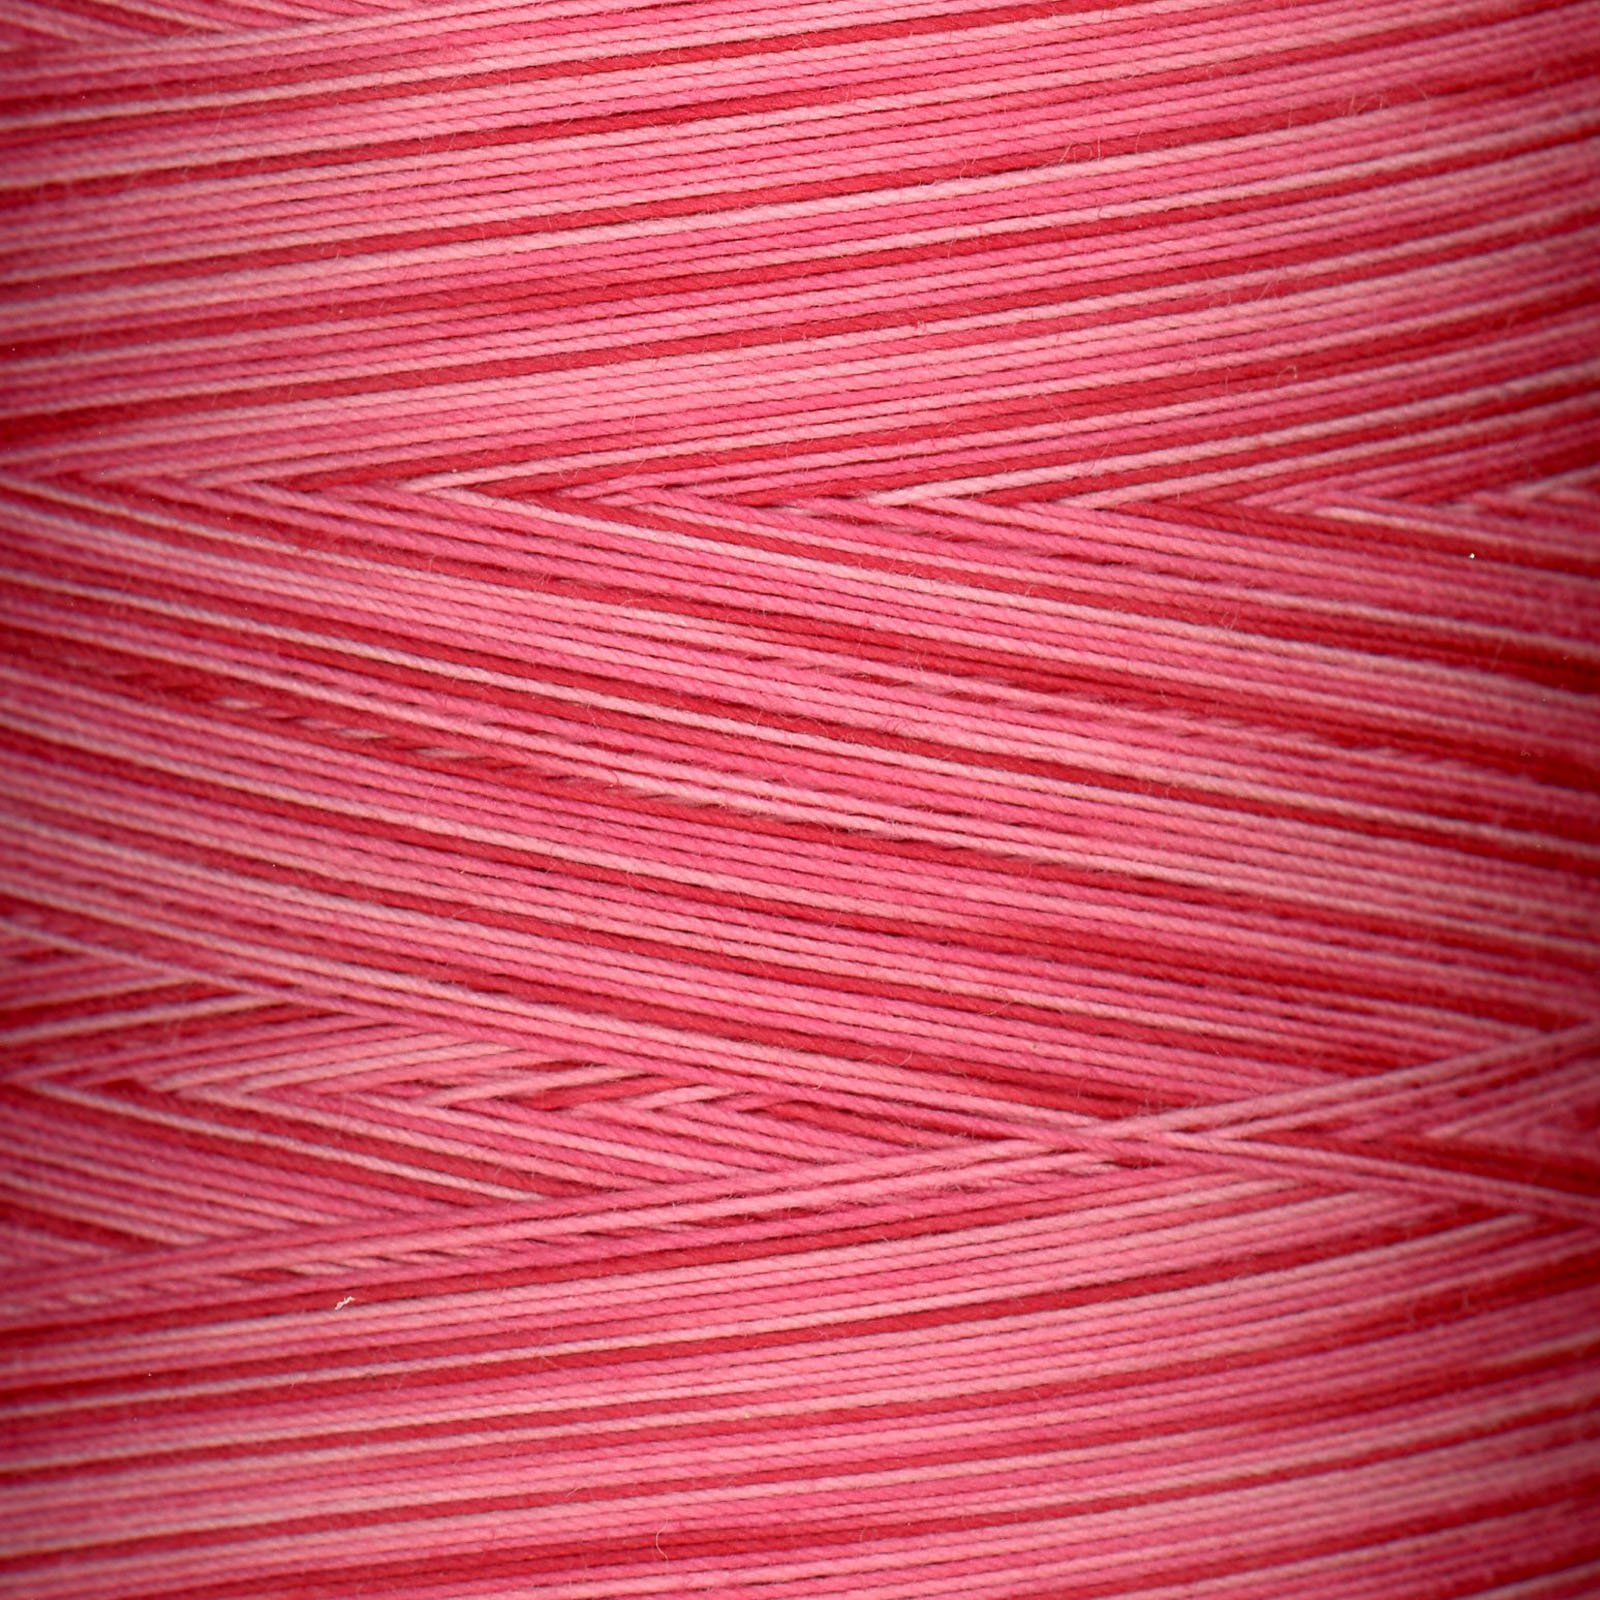 King Tut Variegated Thread #926